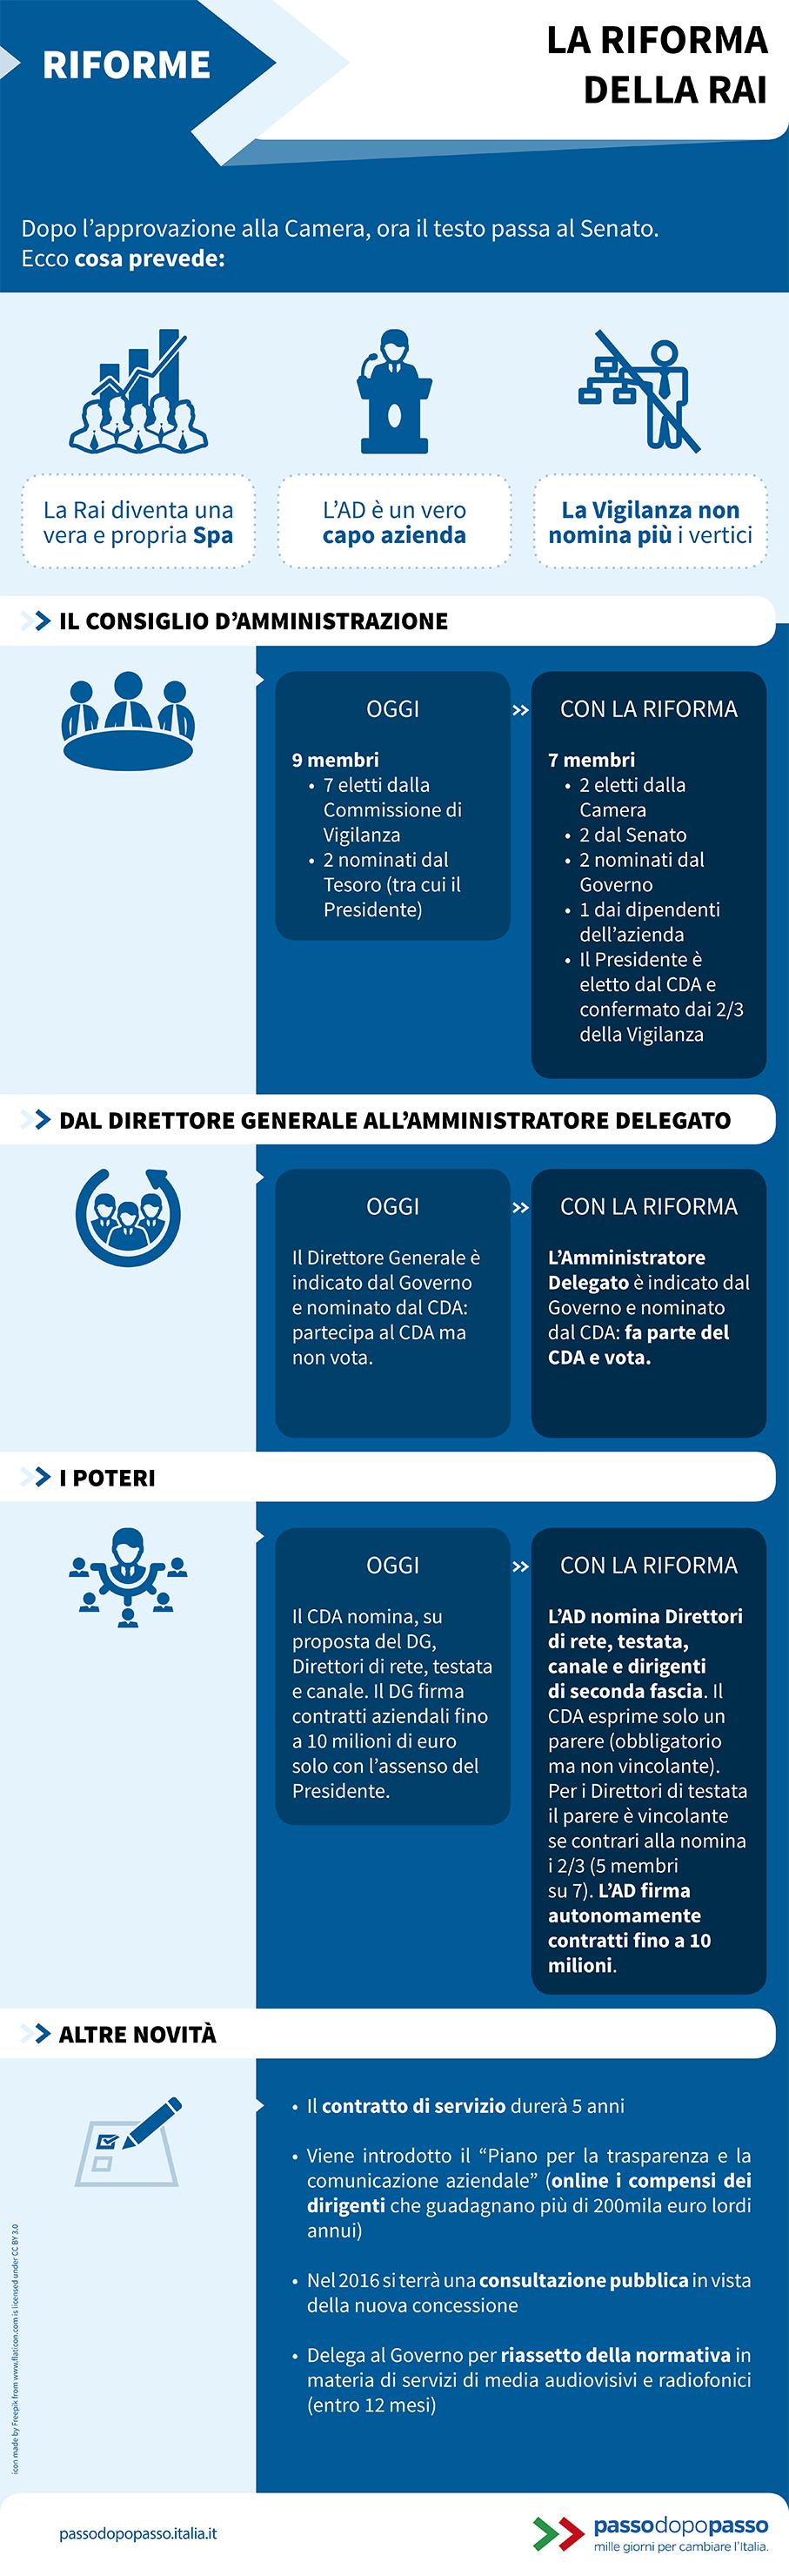 Infografica: La Riforma della RAI